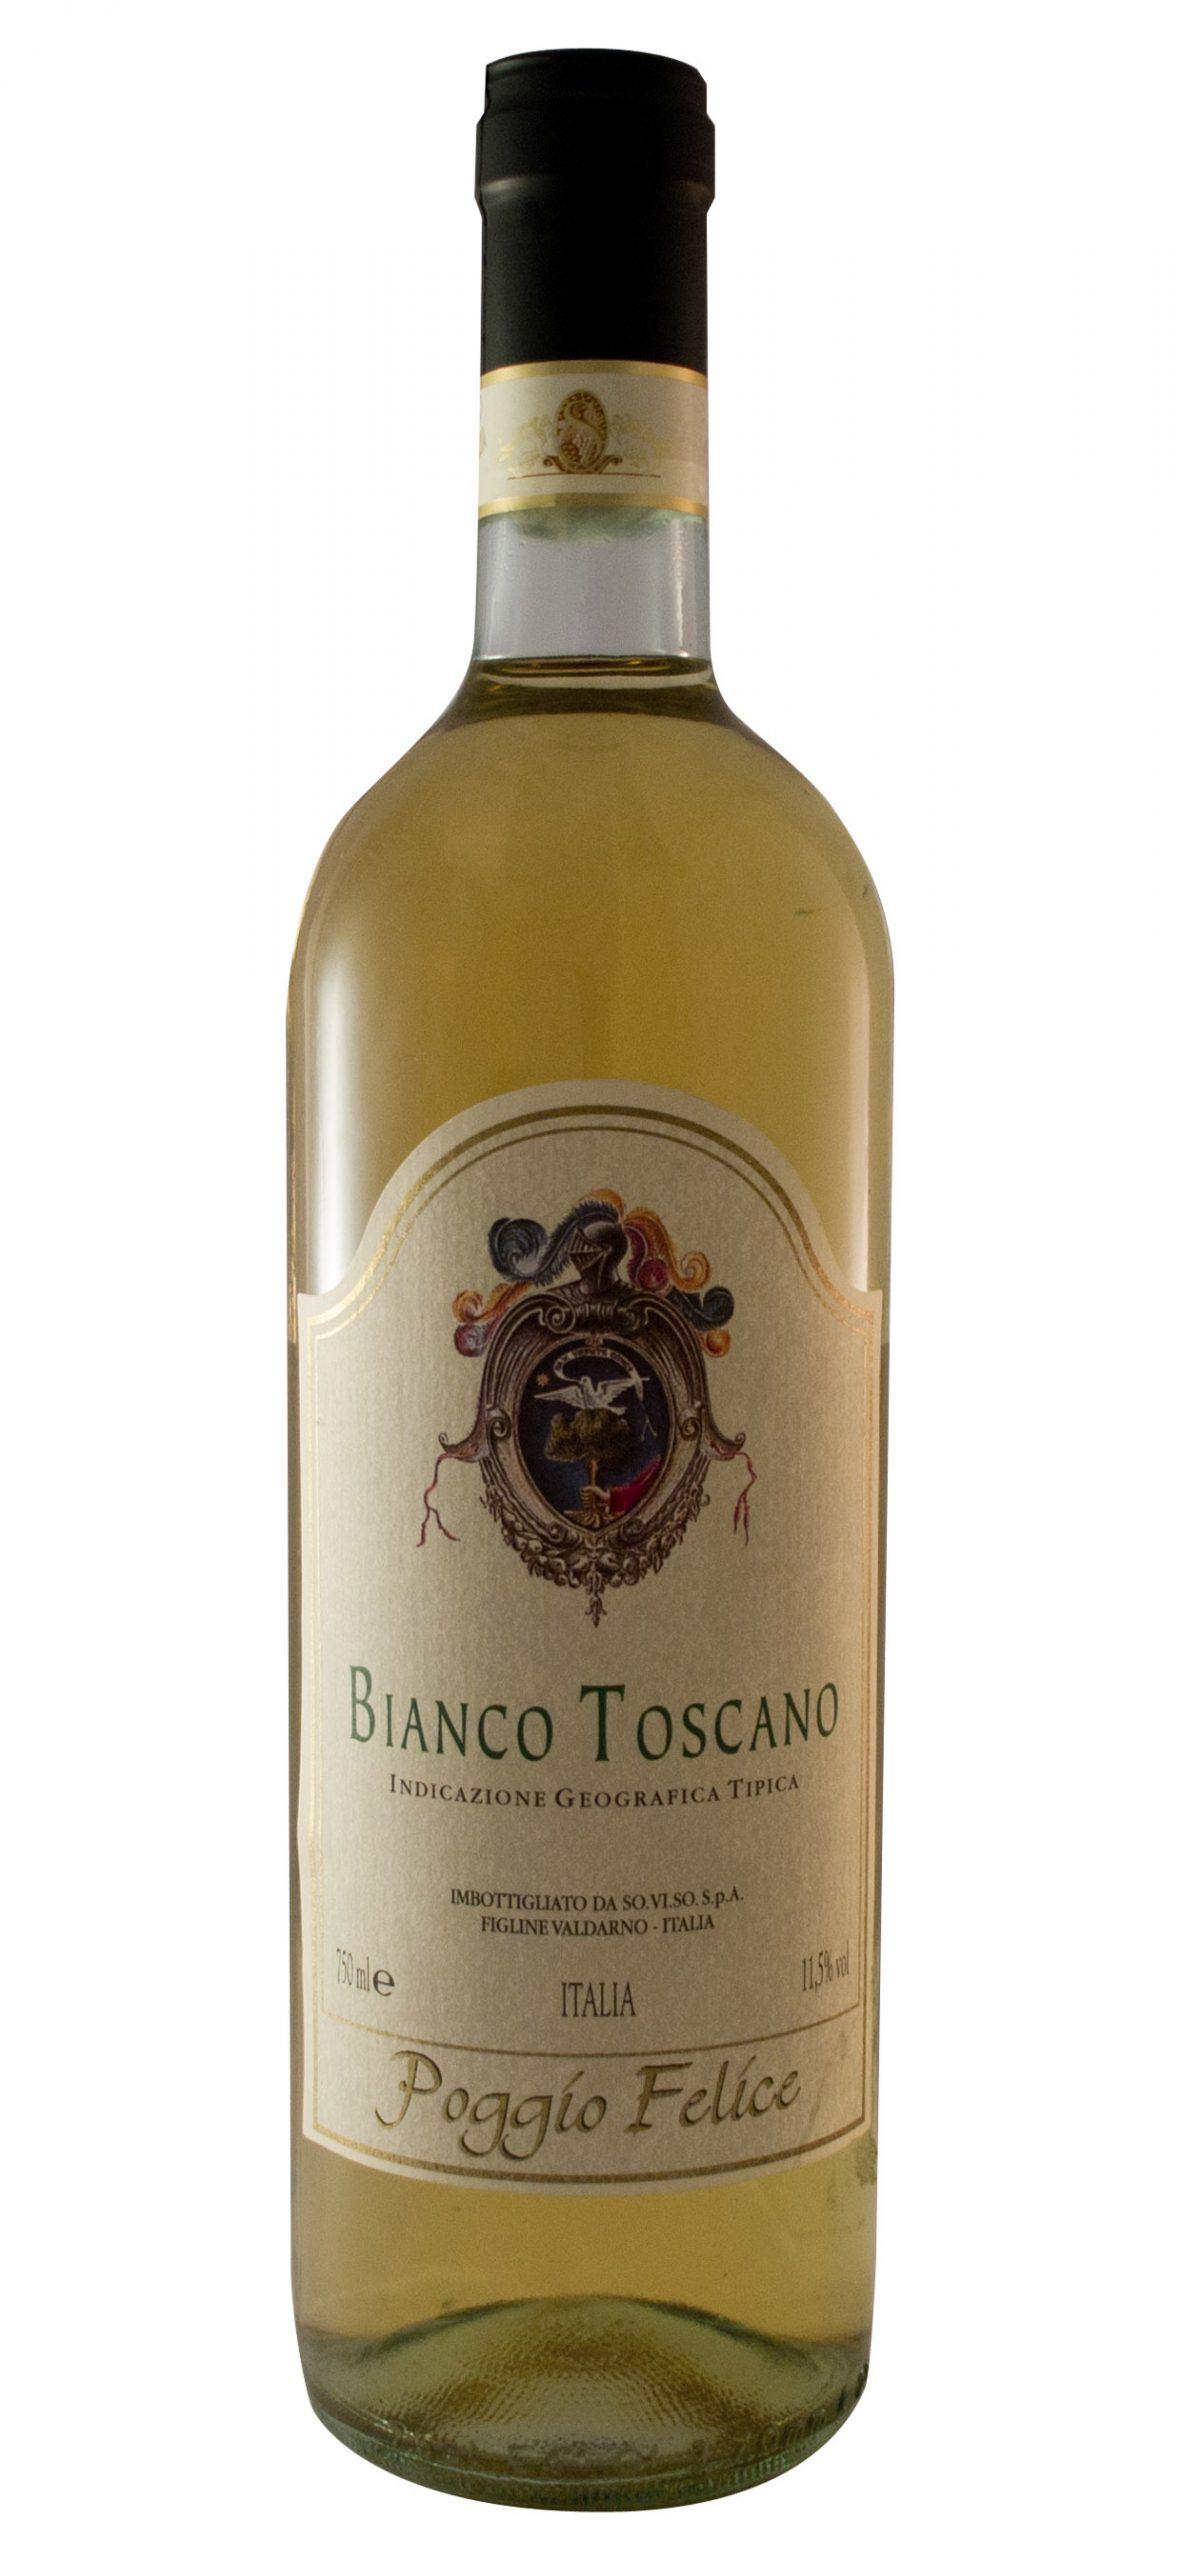 TOSCANO BIANCO POGGIO FELICE IGT